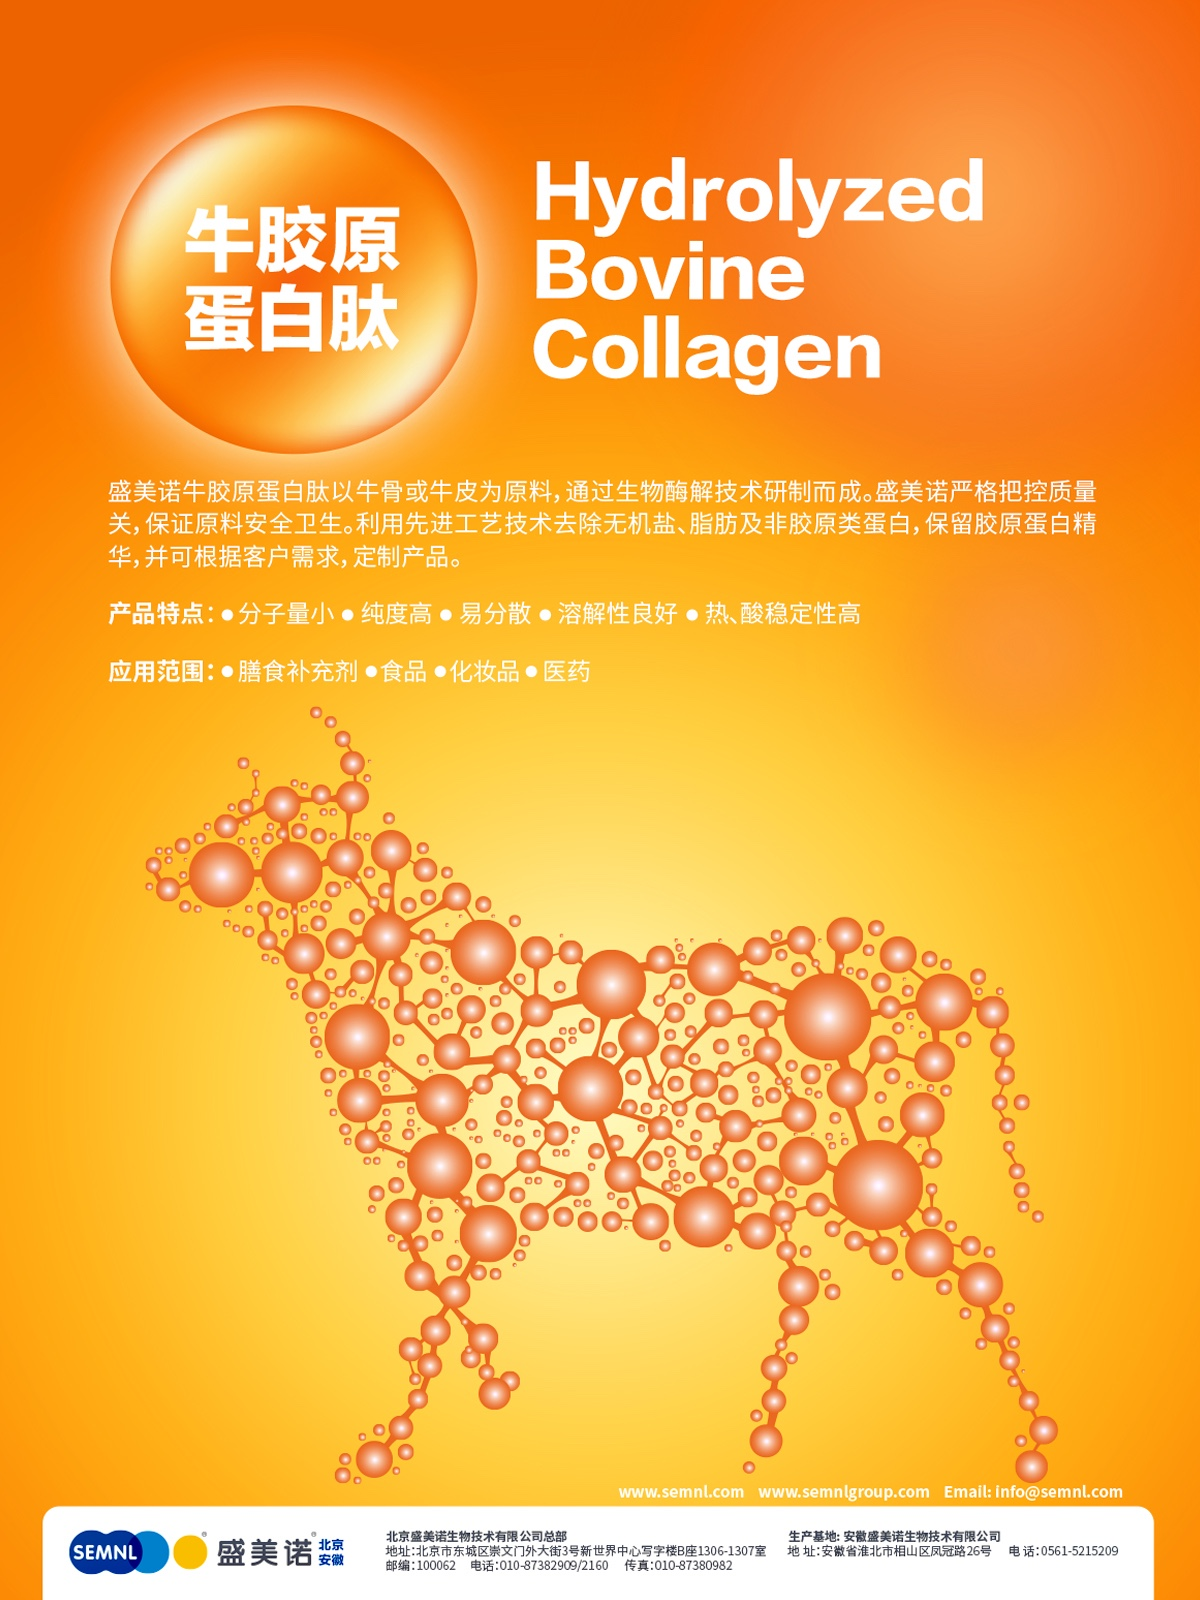 牛胶原蛋白肽